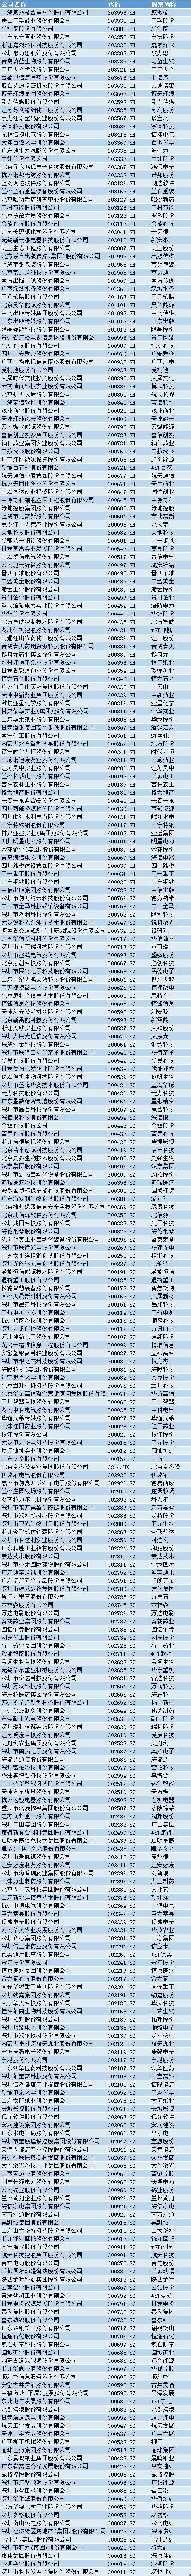 瑞華沖擊波:多家上市公司再融資項目被中止